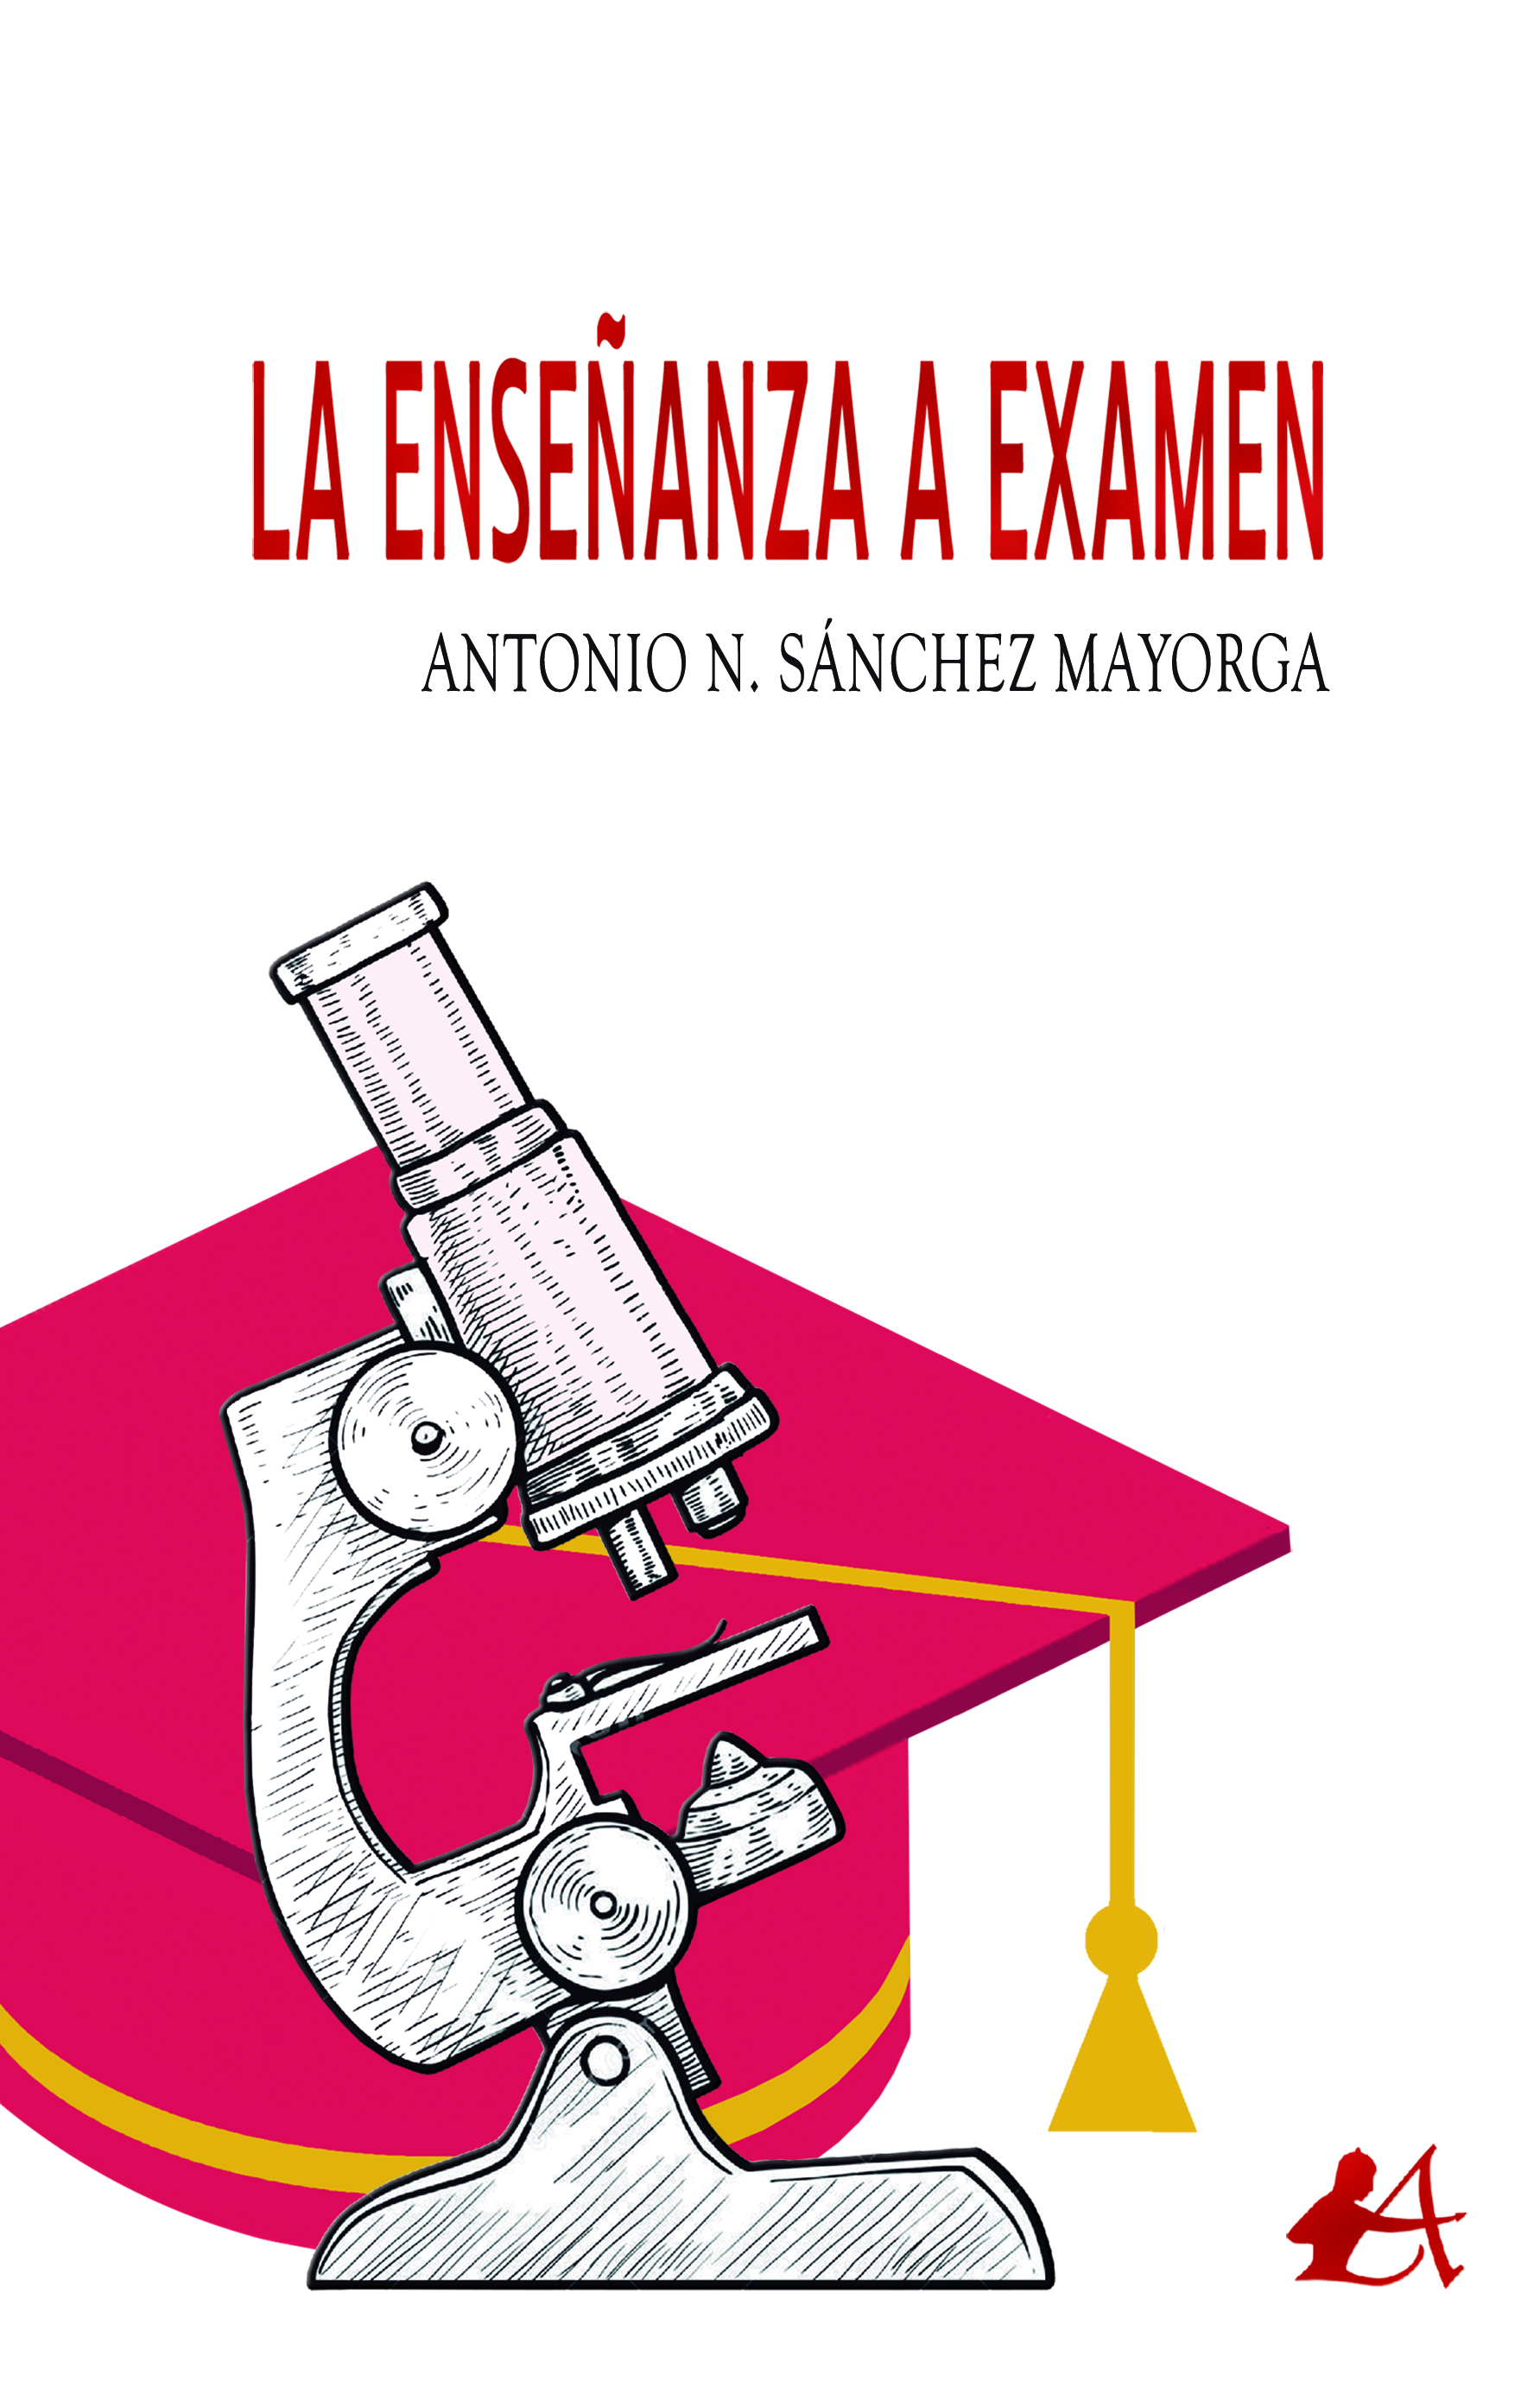 Portada del libro La enseñanza a examen de Antonio N. Sánchez Mayorga. Editorial Adarve, Escritores de hoy